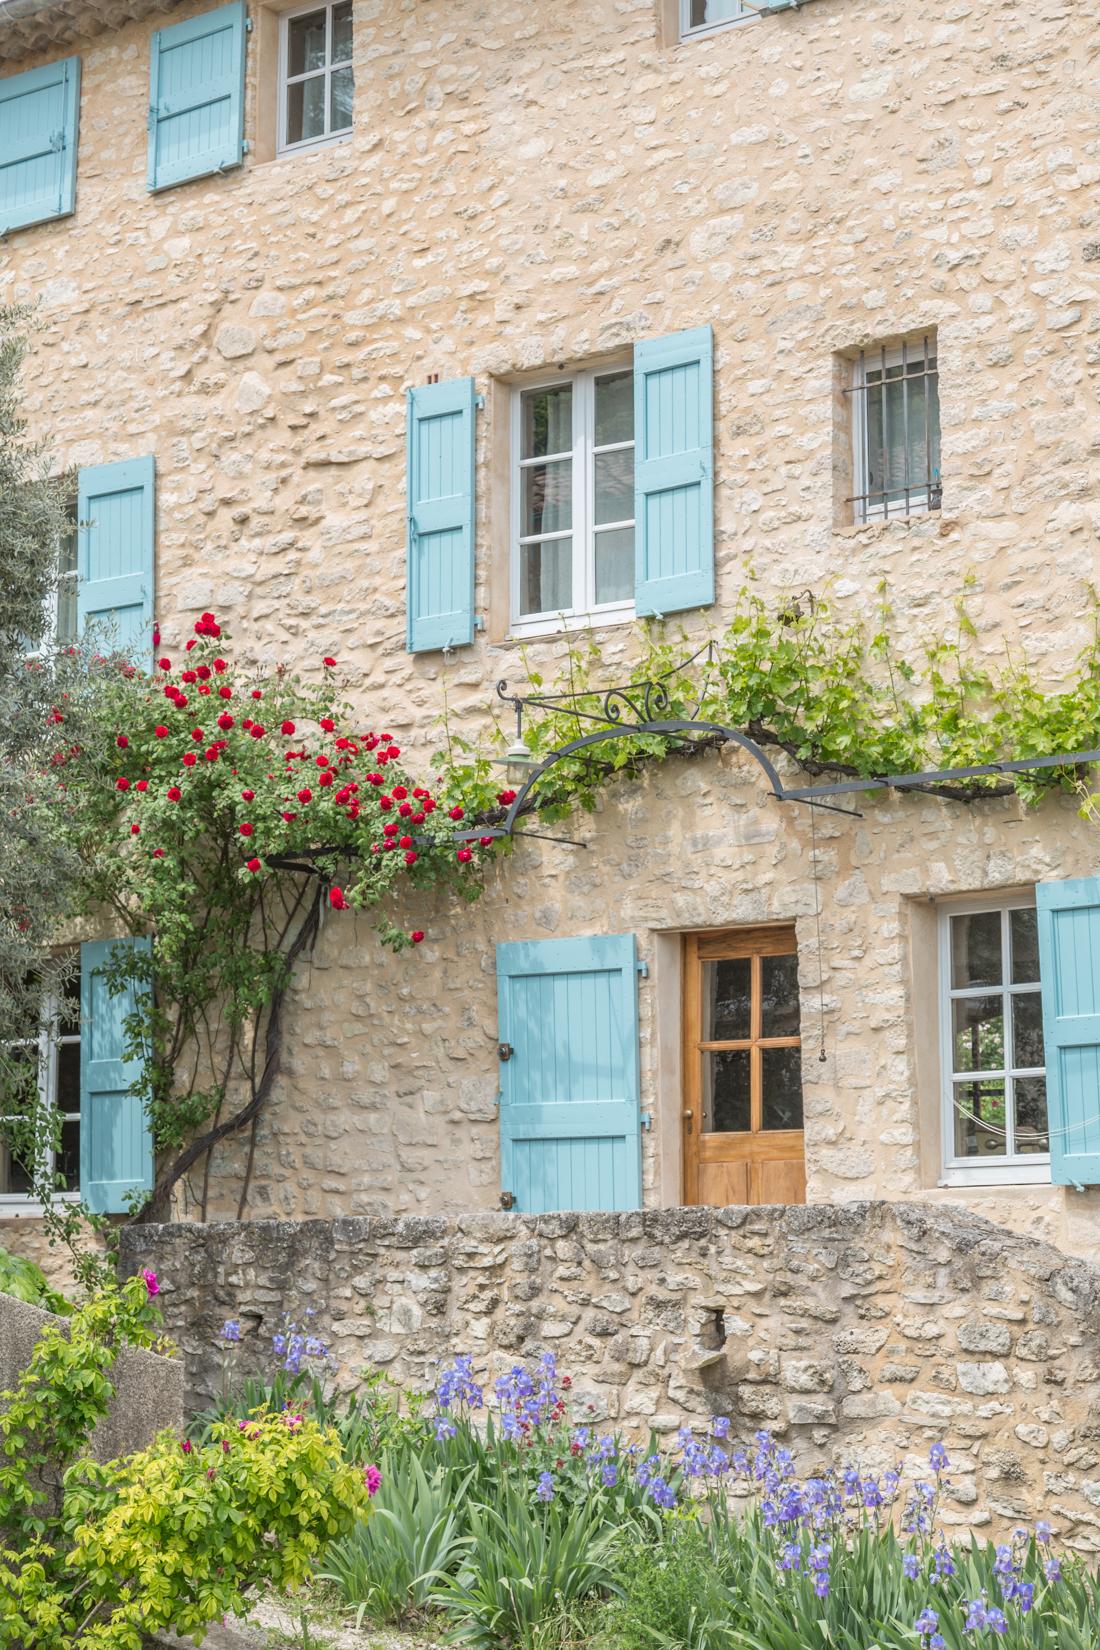 VP_loccitane_en_provence_terre_de_lumiere_hotel_couvent_des_minimes_copyright_PaulinePRIVEZ_paulinefashionblog_com-2